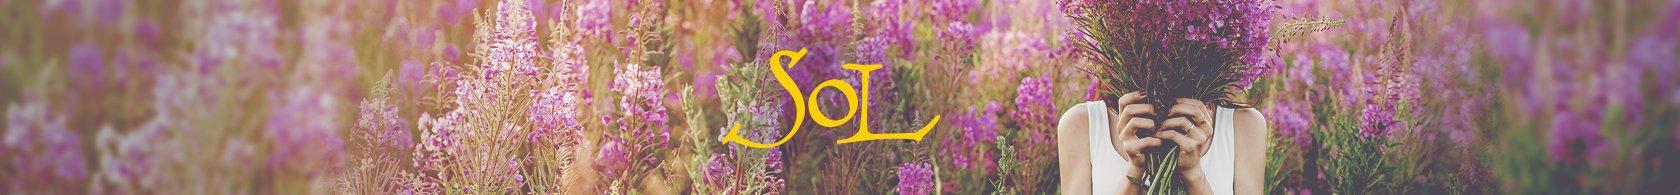 SOL_Header-field-2_0